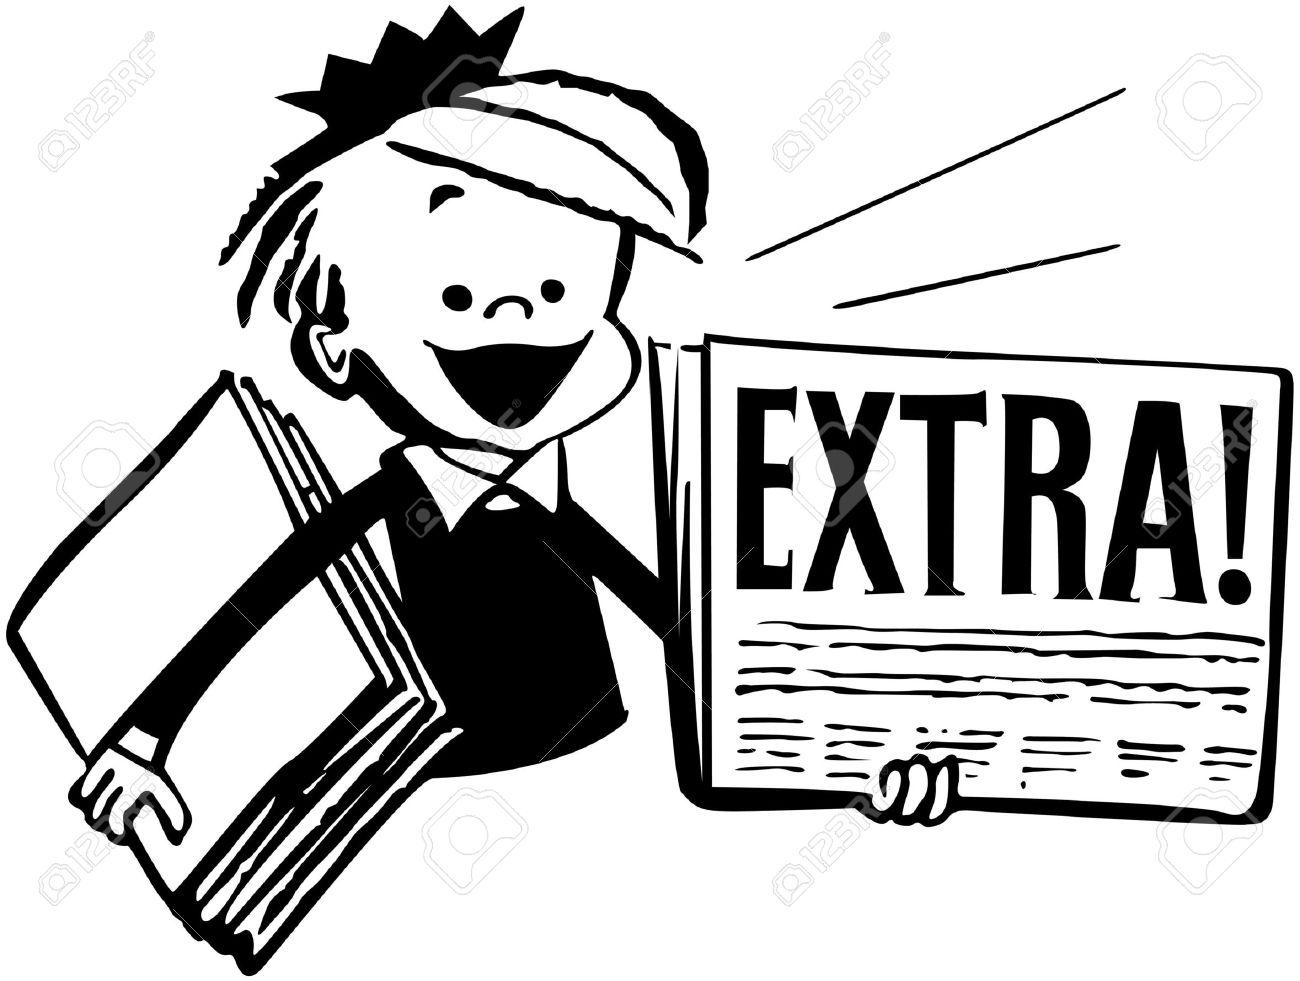 Image result for newspaper boy clip art images